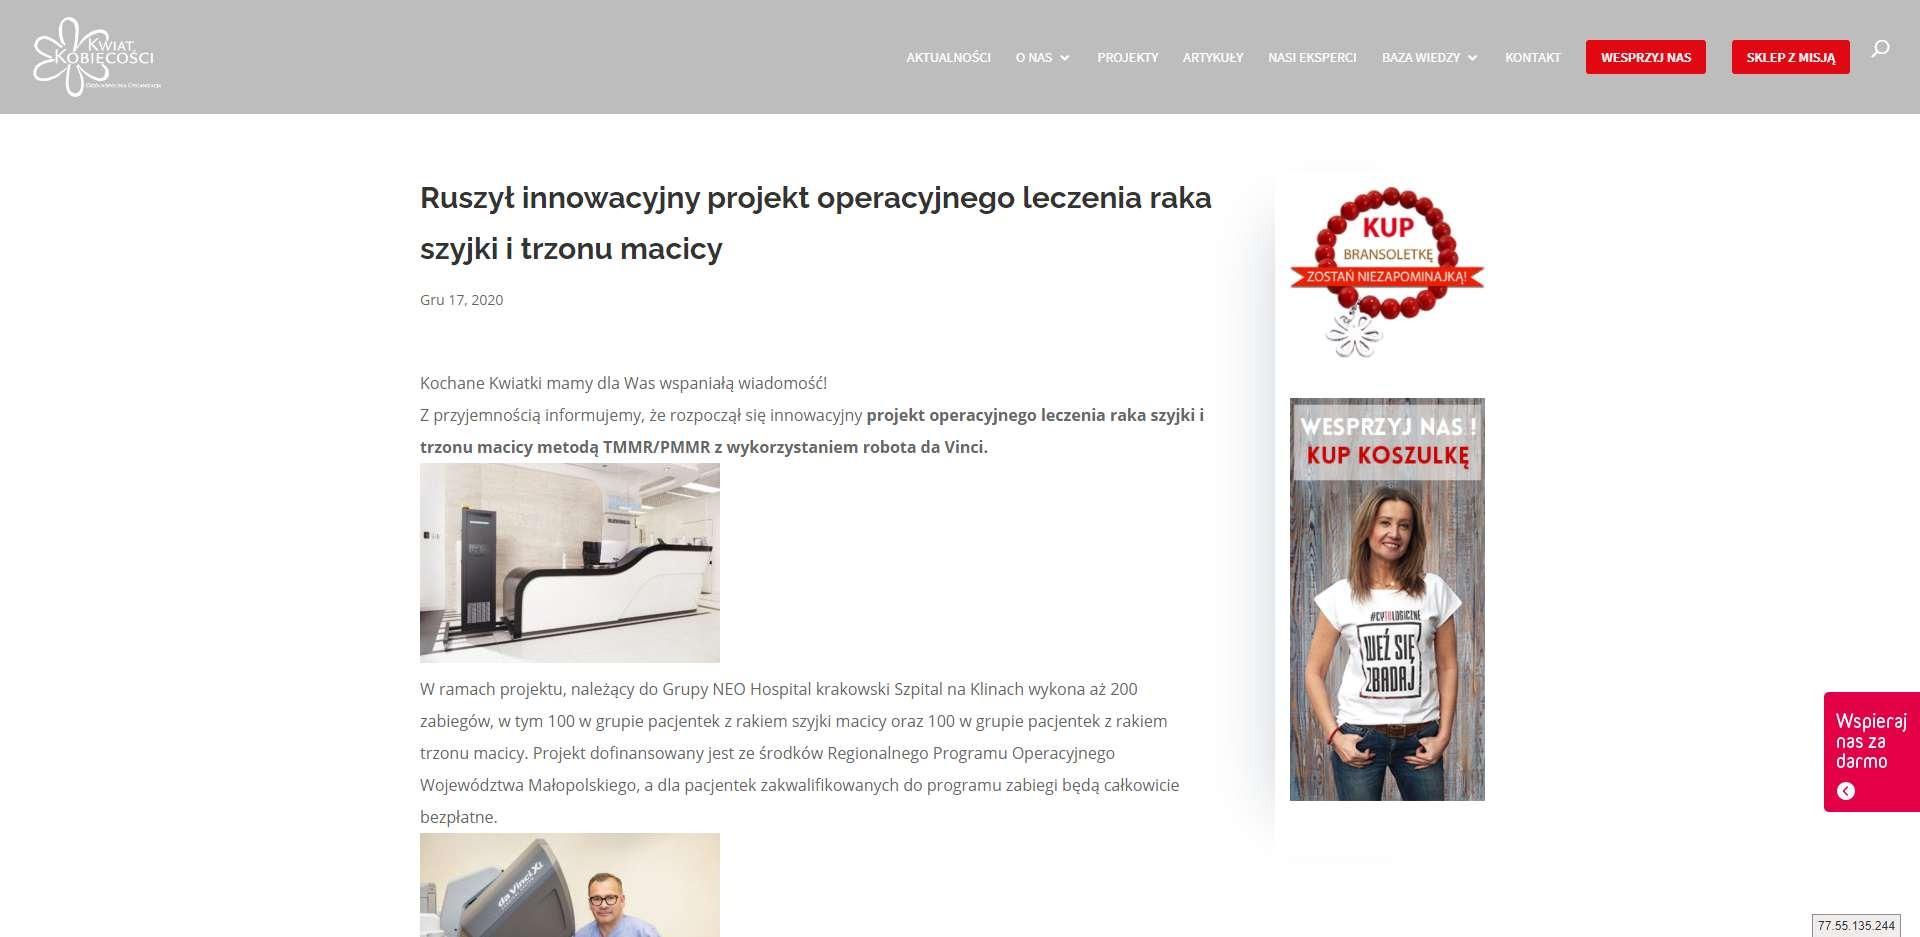 ruszyl innowacyjny projekt operacyjnego leczenia raka szyjki i trzonu macicy